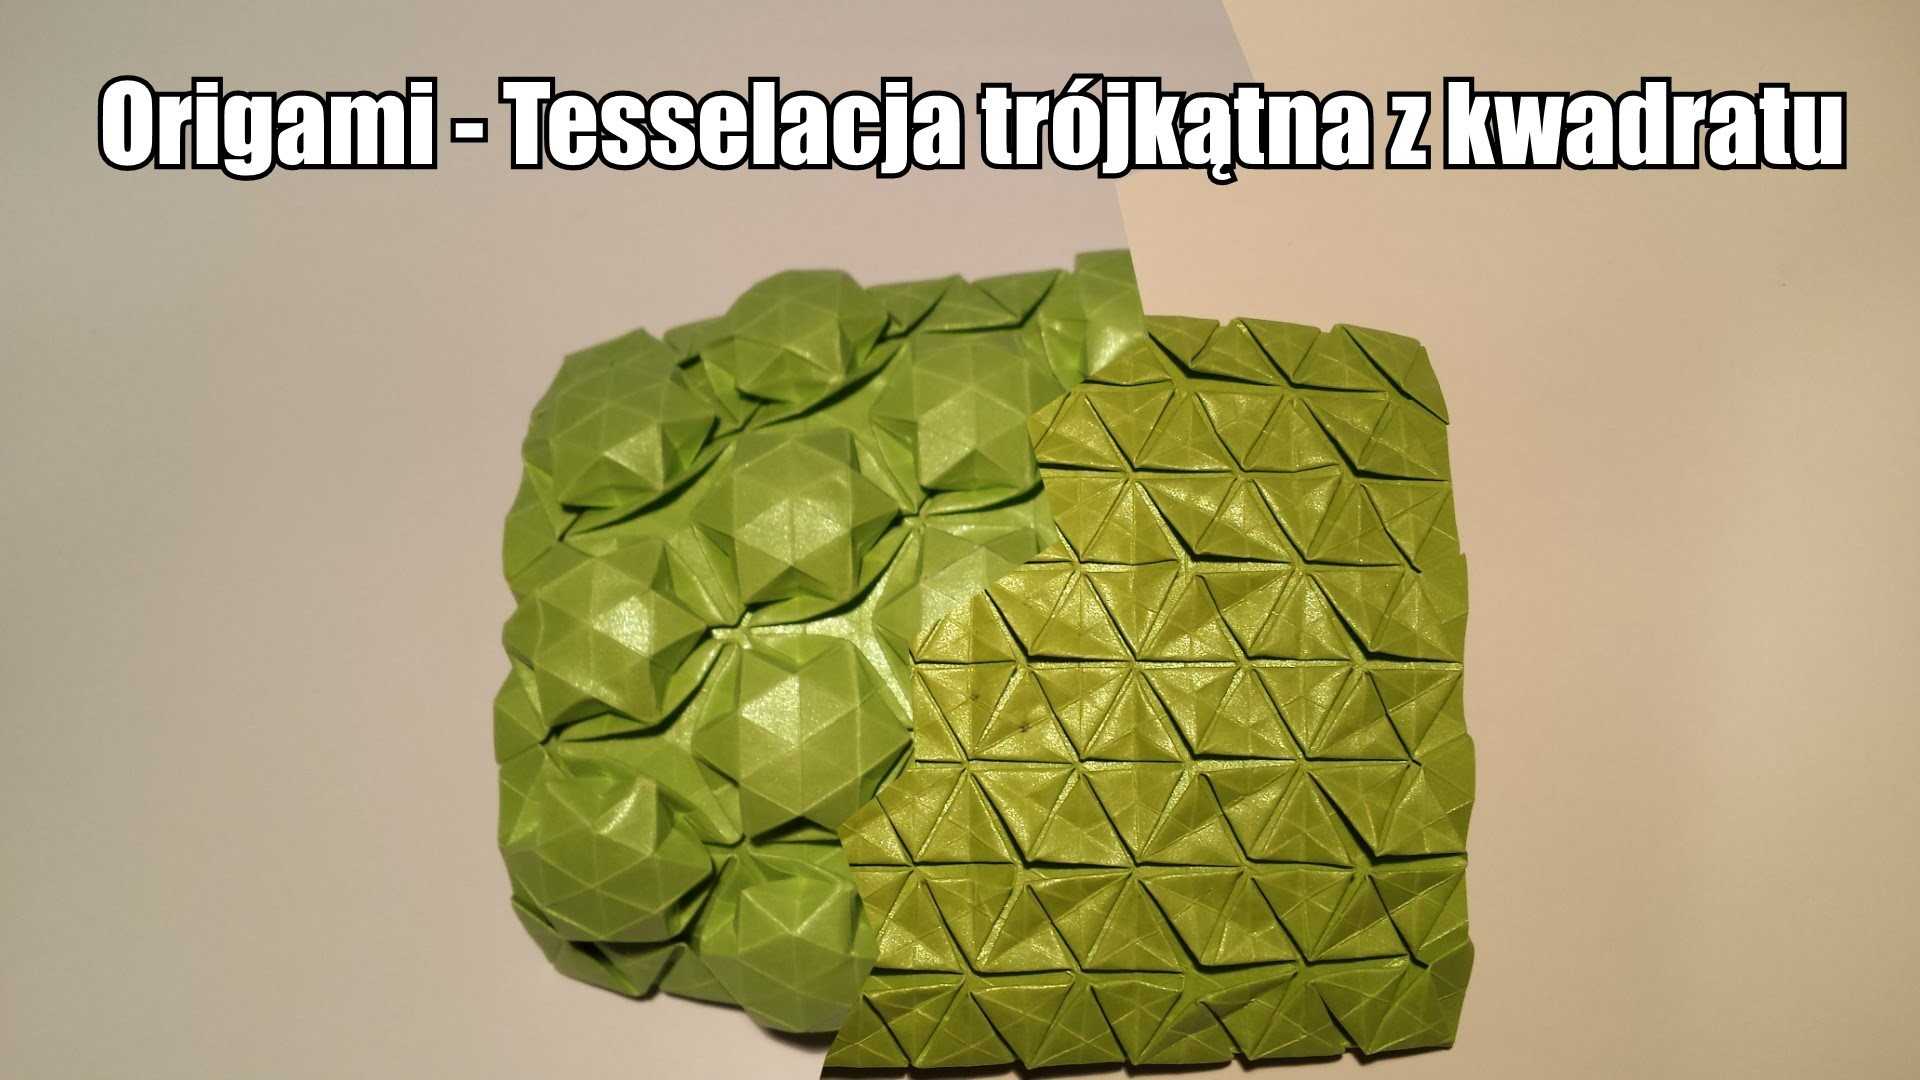 Origami - Tesselacja trójkątna z kwadratu